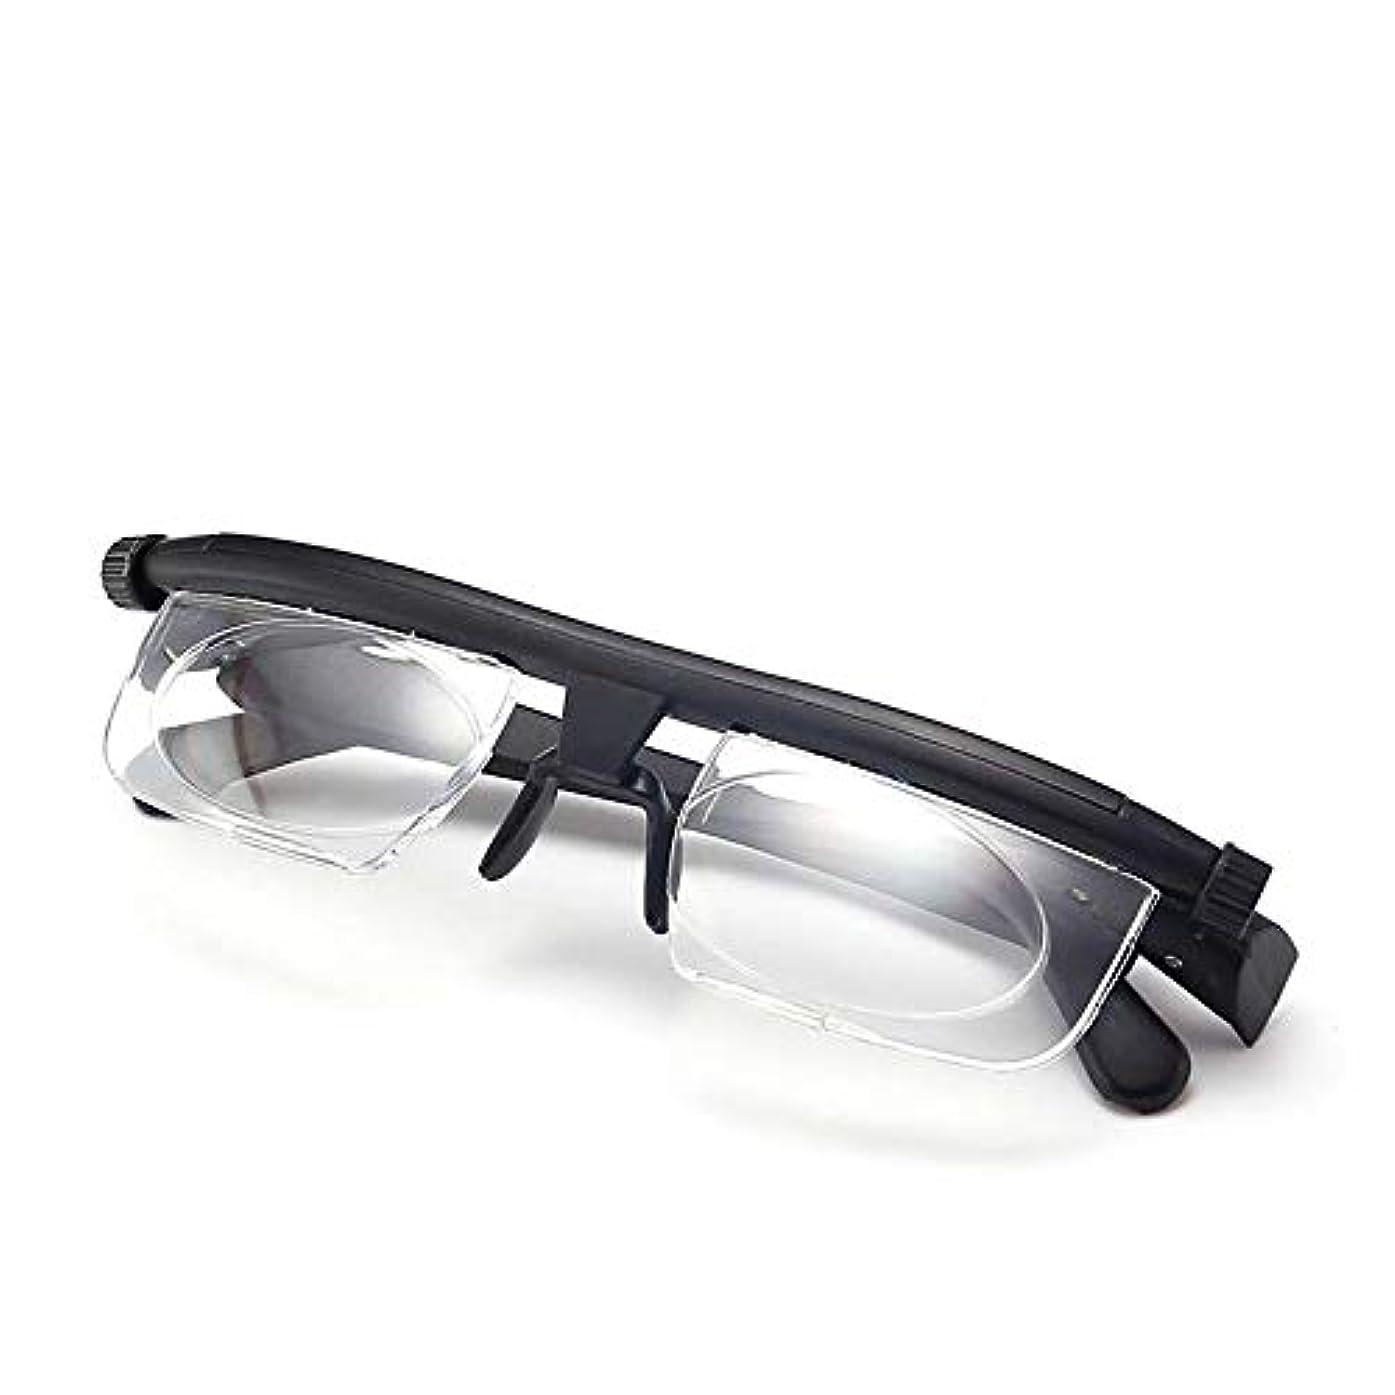 高くメナジェリー勧める焦点距離調節可能な老眼鏡、-6Dから+ 3D近視の虫眼鏡、HDの抗疲労男性と女性の古いメガネ、父と母の最高の贈り物ZDDAB